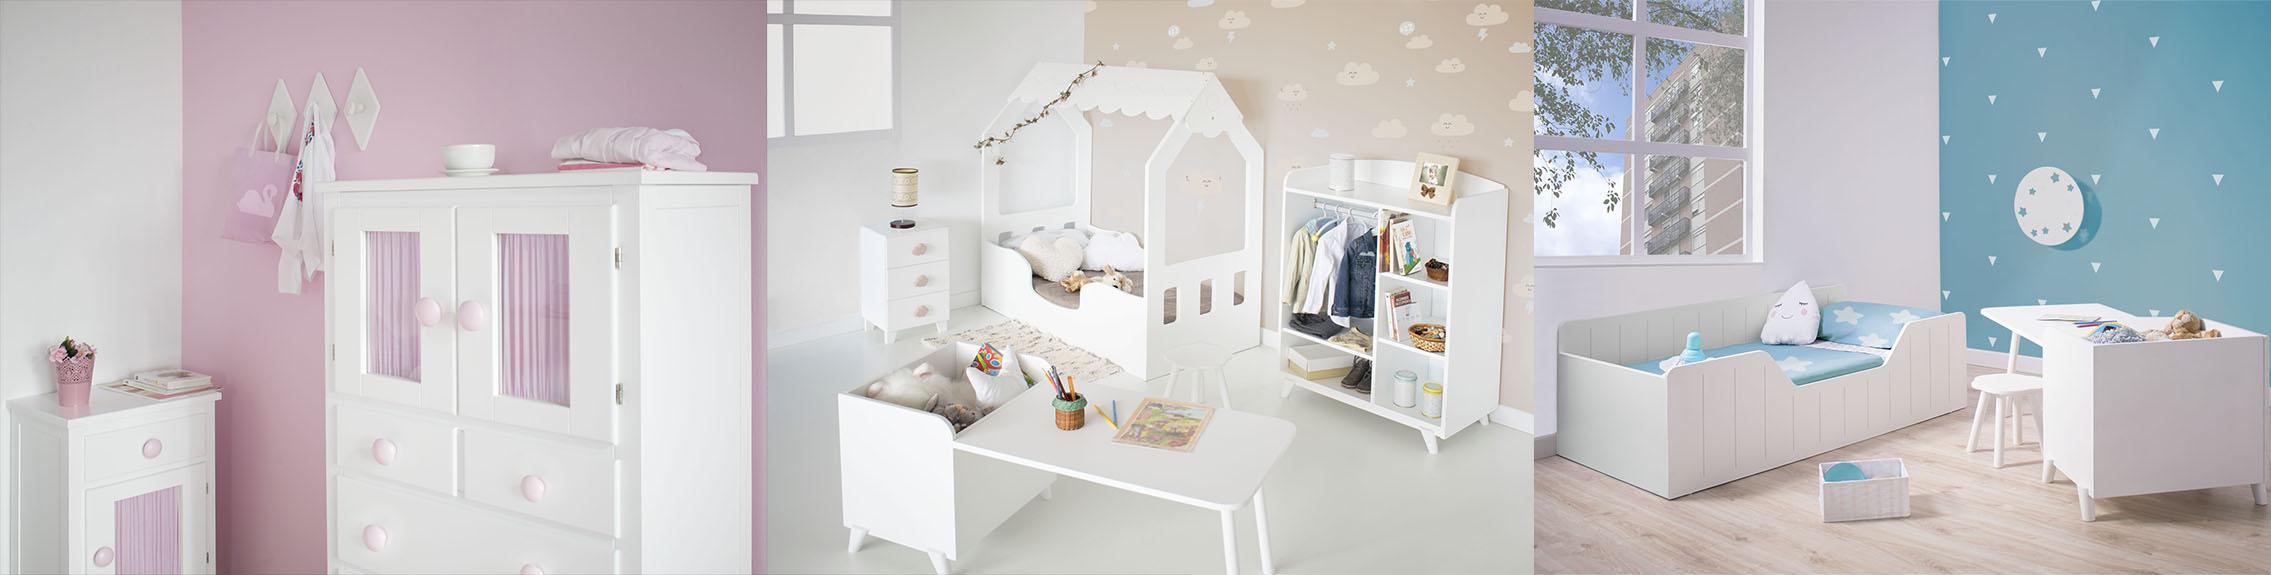 Bainba.com muebles blancos pero coloridos